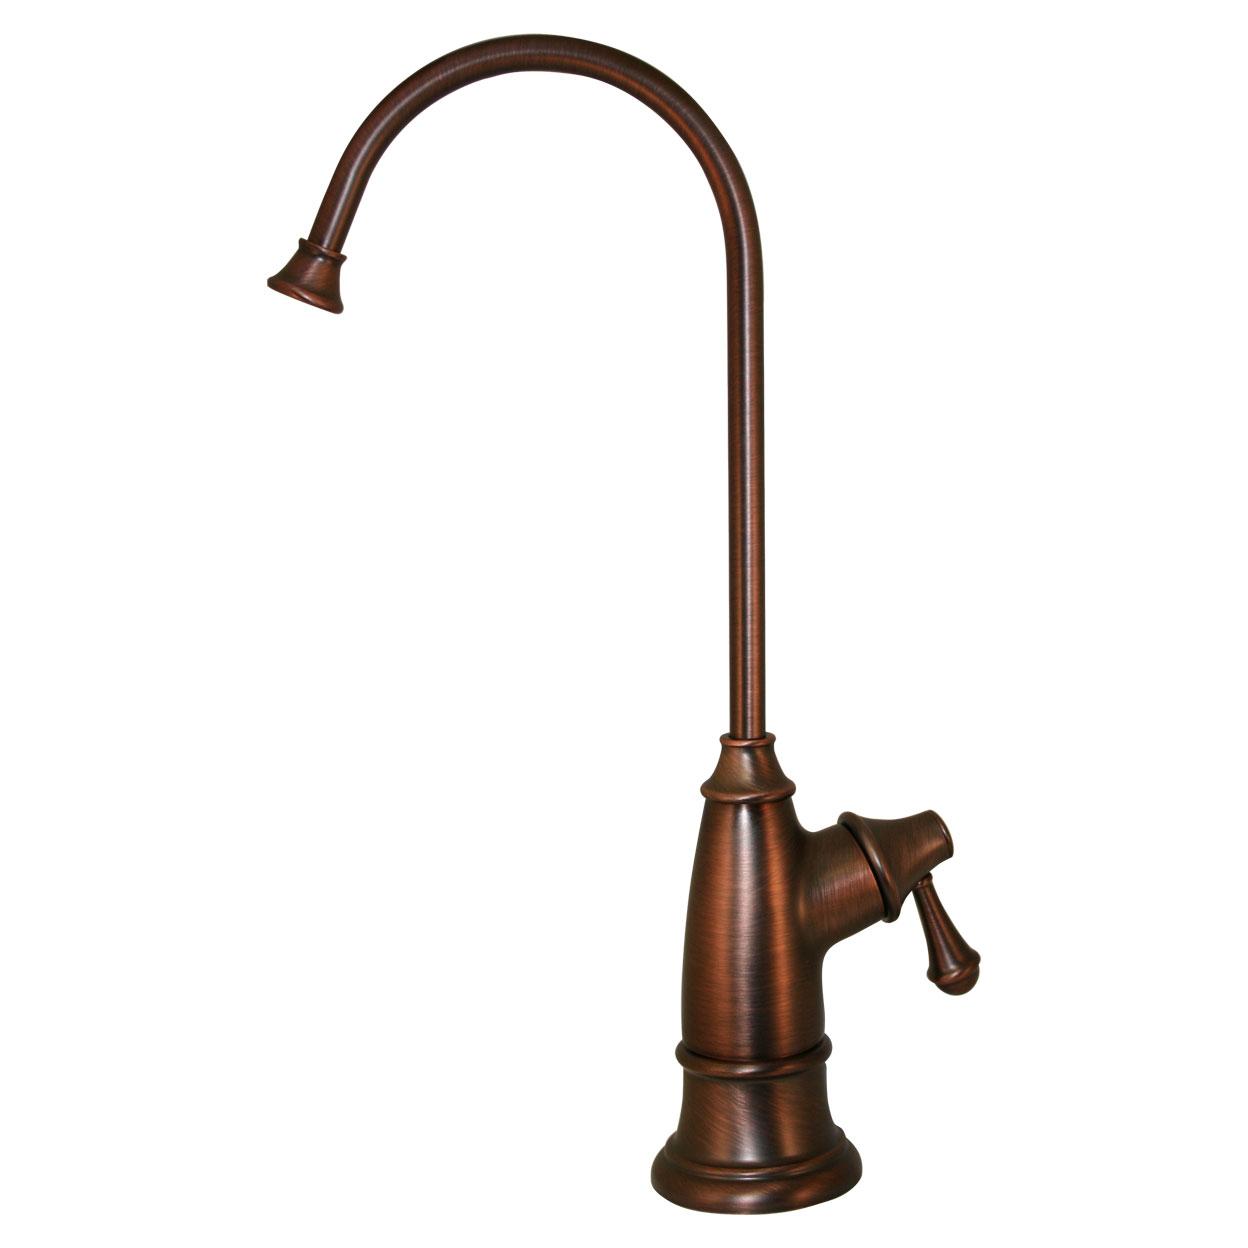 Tomlinson Designer Faucet, Antique Bronze